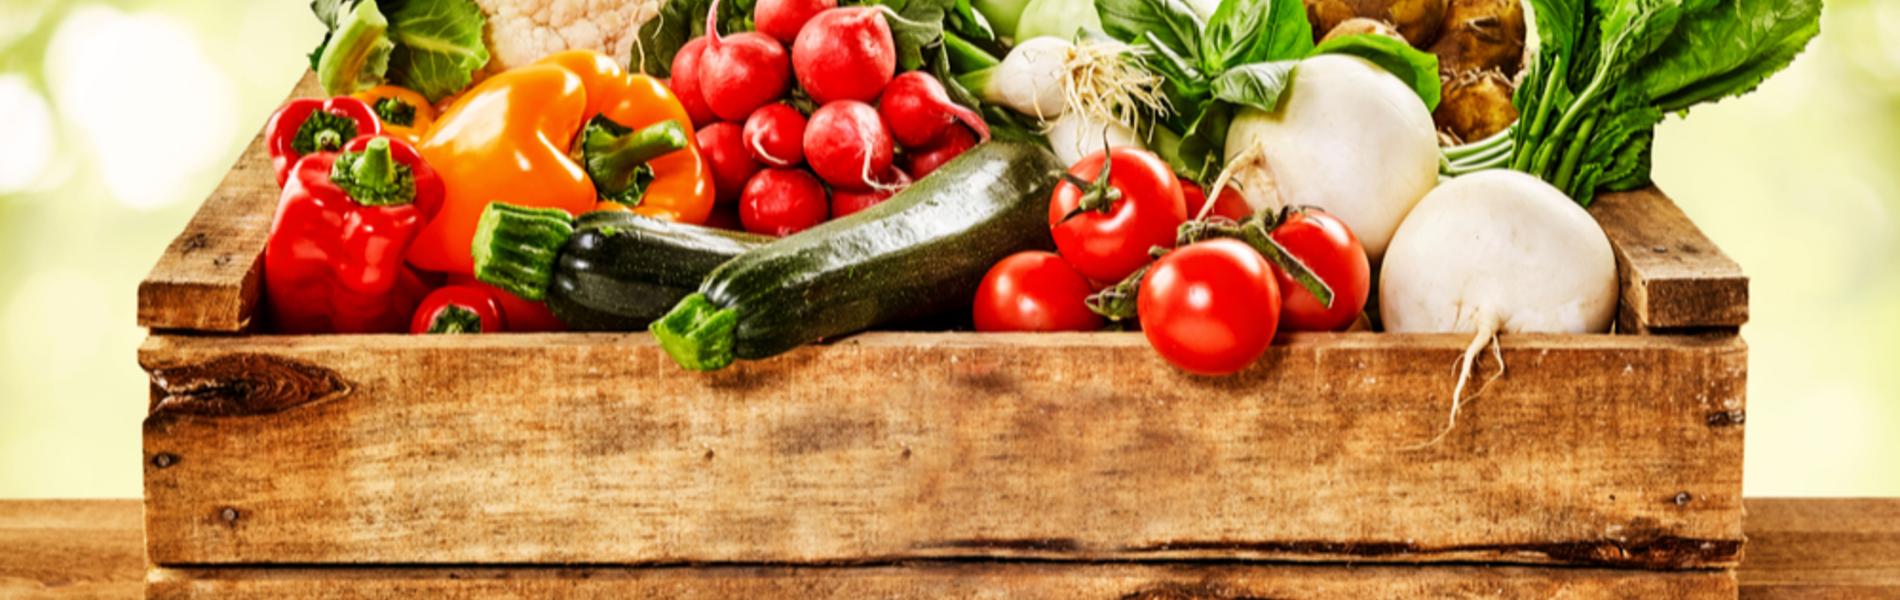 למה כדאי ועדיף לאכול מזון מקומי?